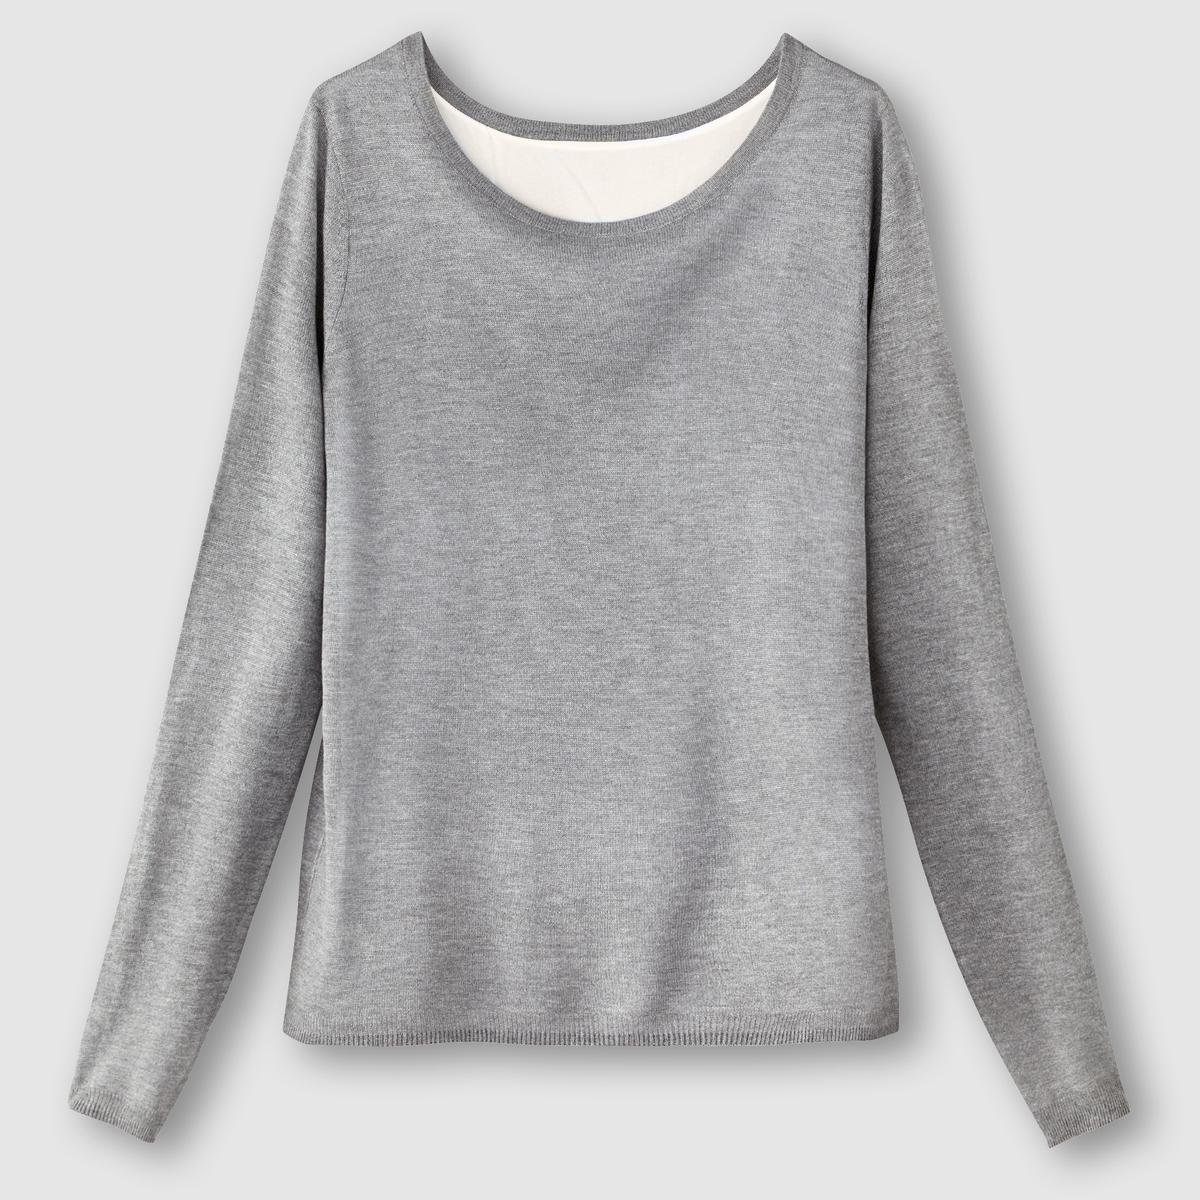 Пуловер с блузкой, 2 в 1Состав и описание:Материал: пуловер 100% акрила, блузка 100% полиэстера.Длина: 66 см.Марка: R Edition.Уход:- Стирать при 30°С с вещами схожих цветов.<br><br>Цвет: серый меланж